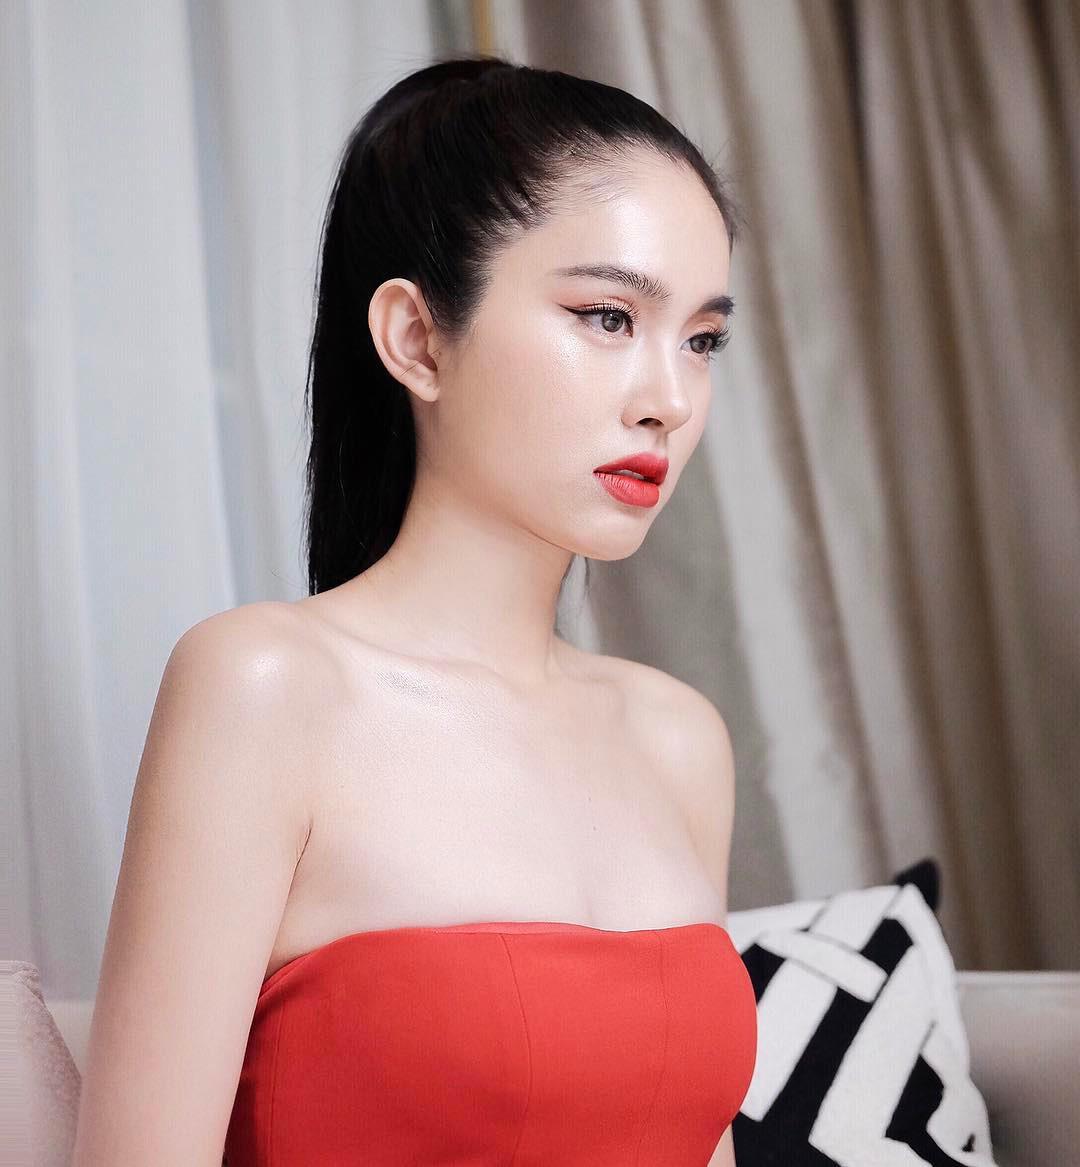 Ngoài Hương Giang Idol, Châu Á Còn Có Vô Số Mỹ Nhân Chuyển